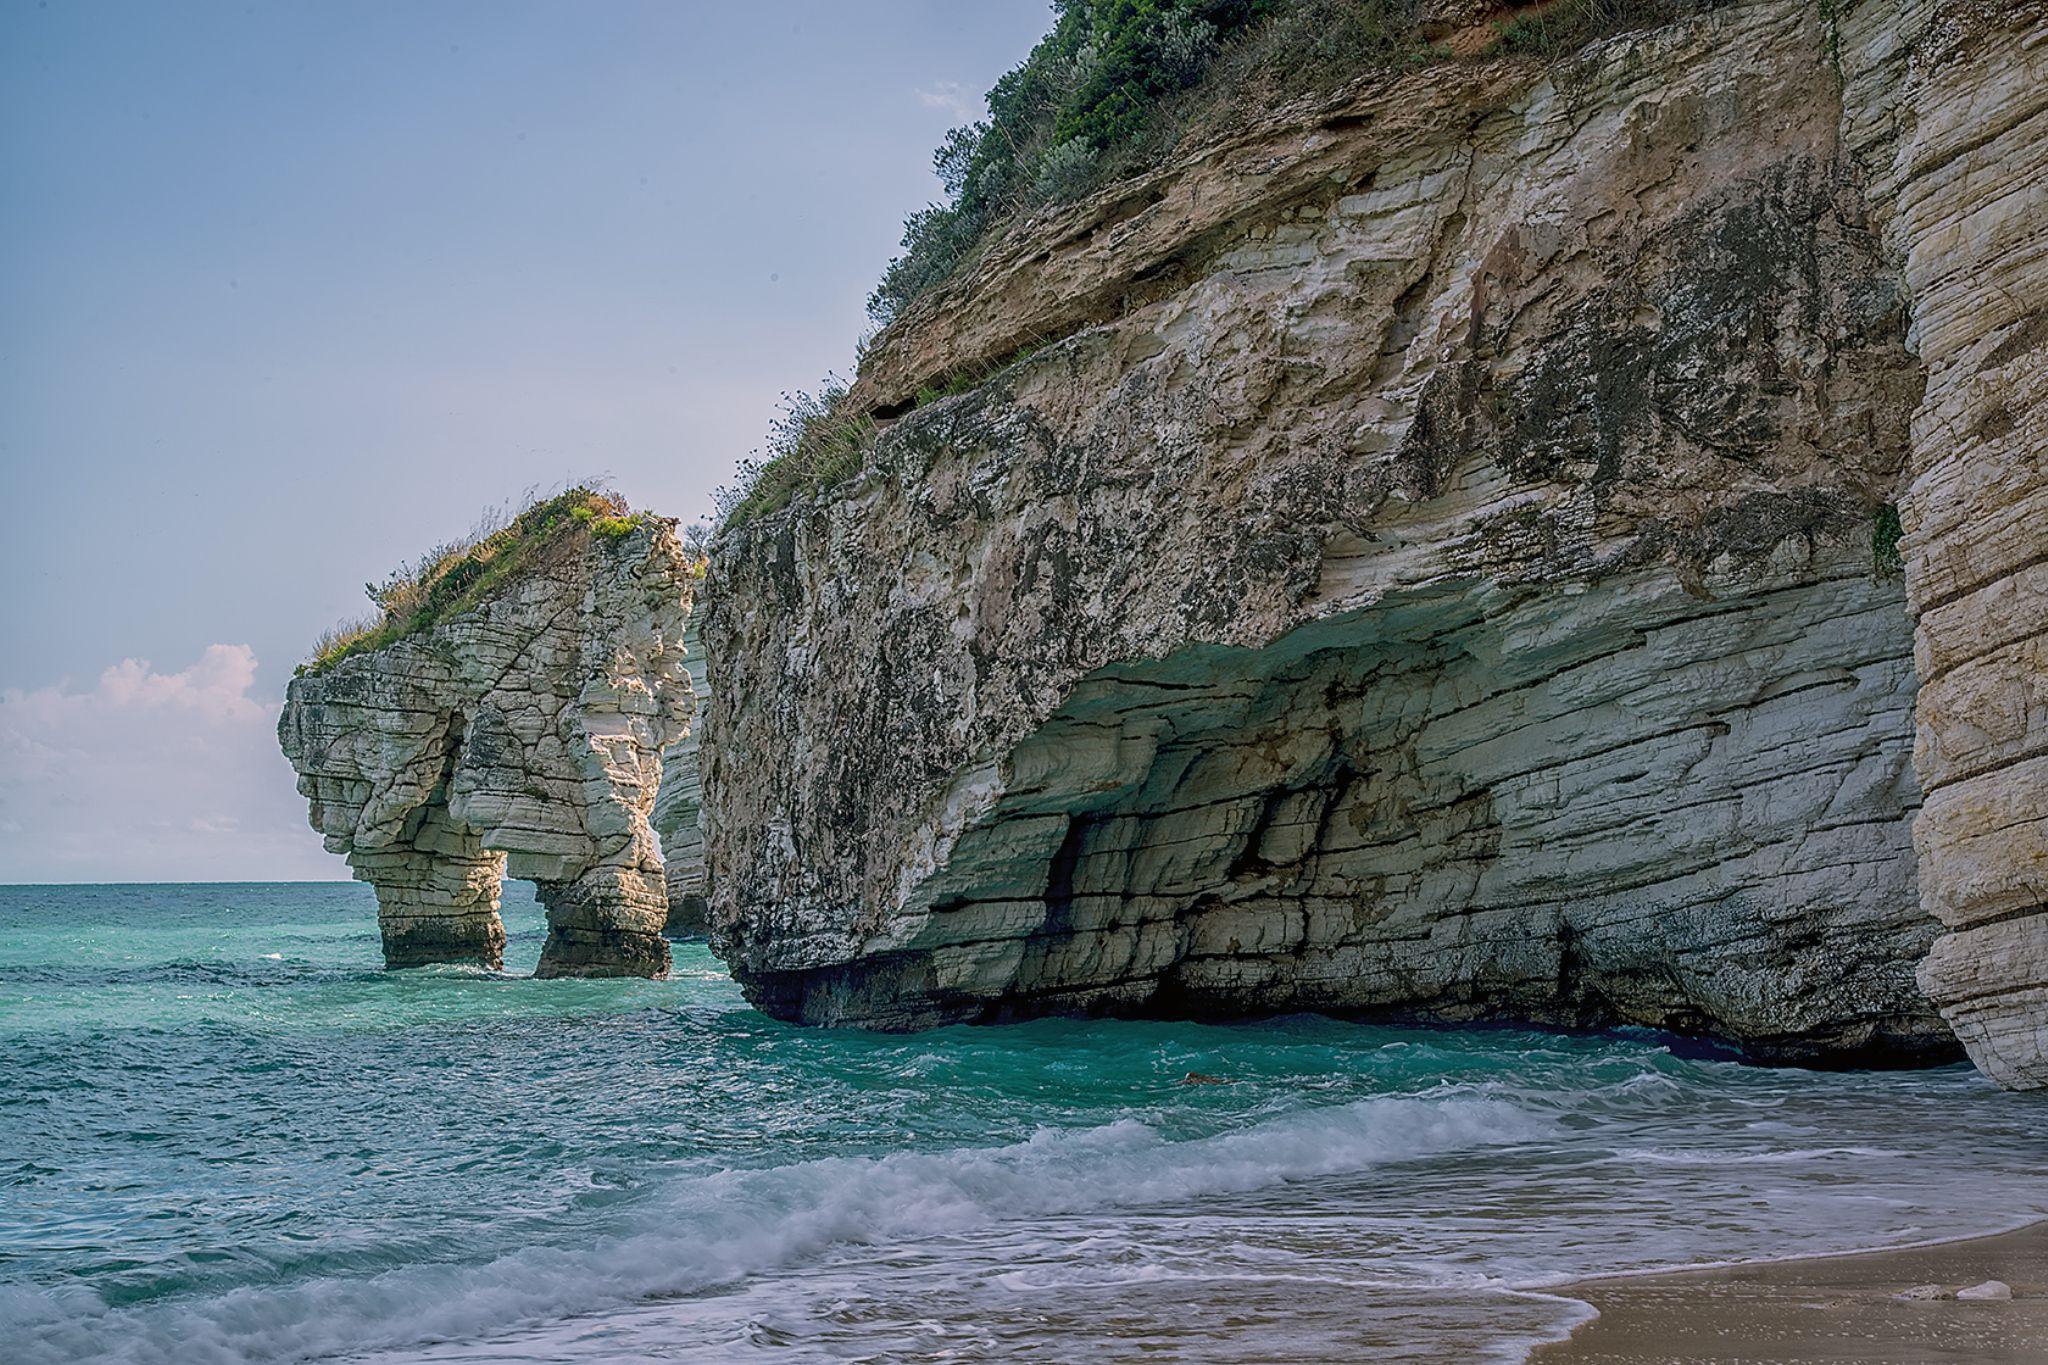 Baia delle Zagare by Michele Vitulano